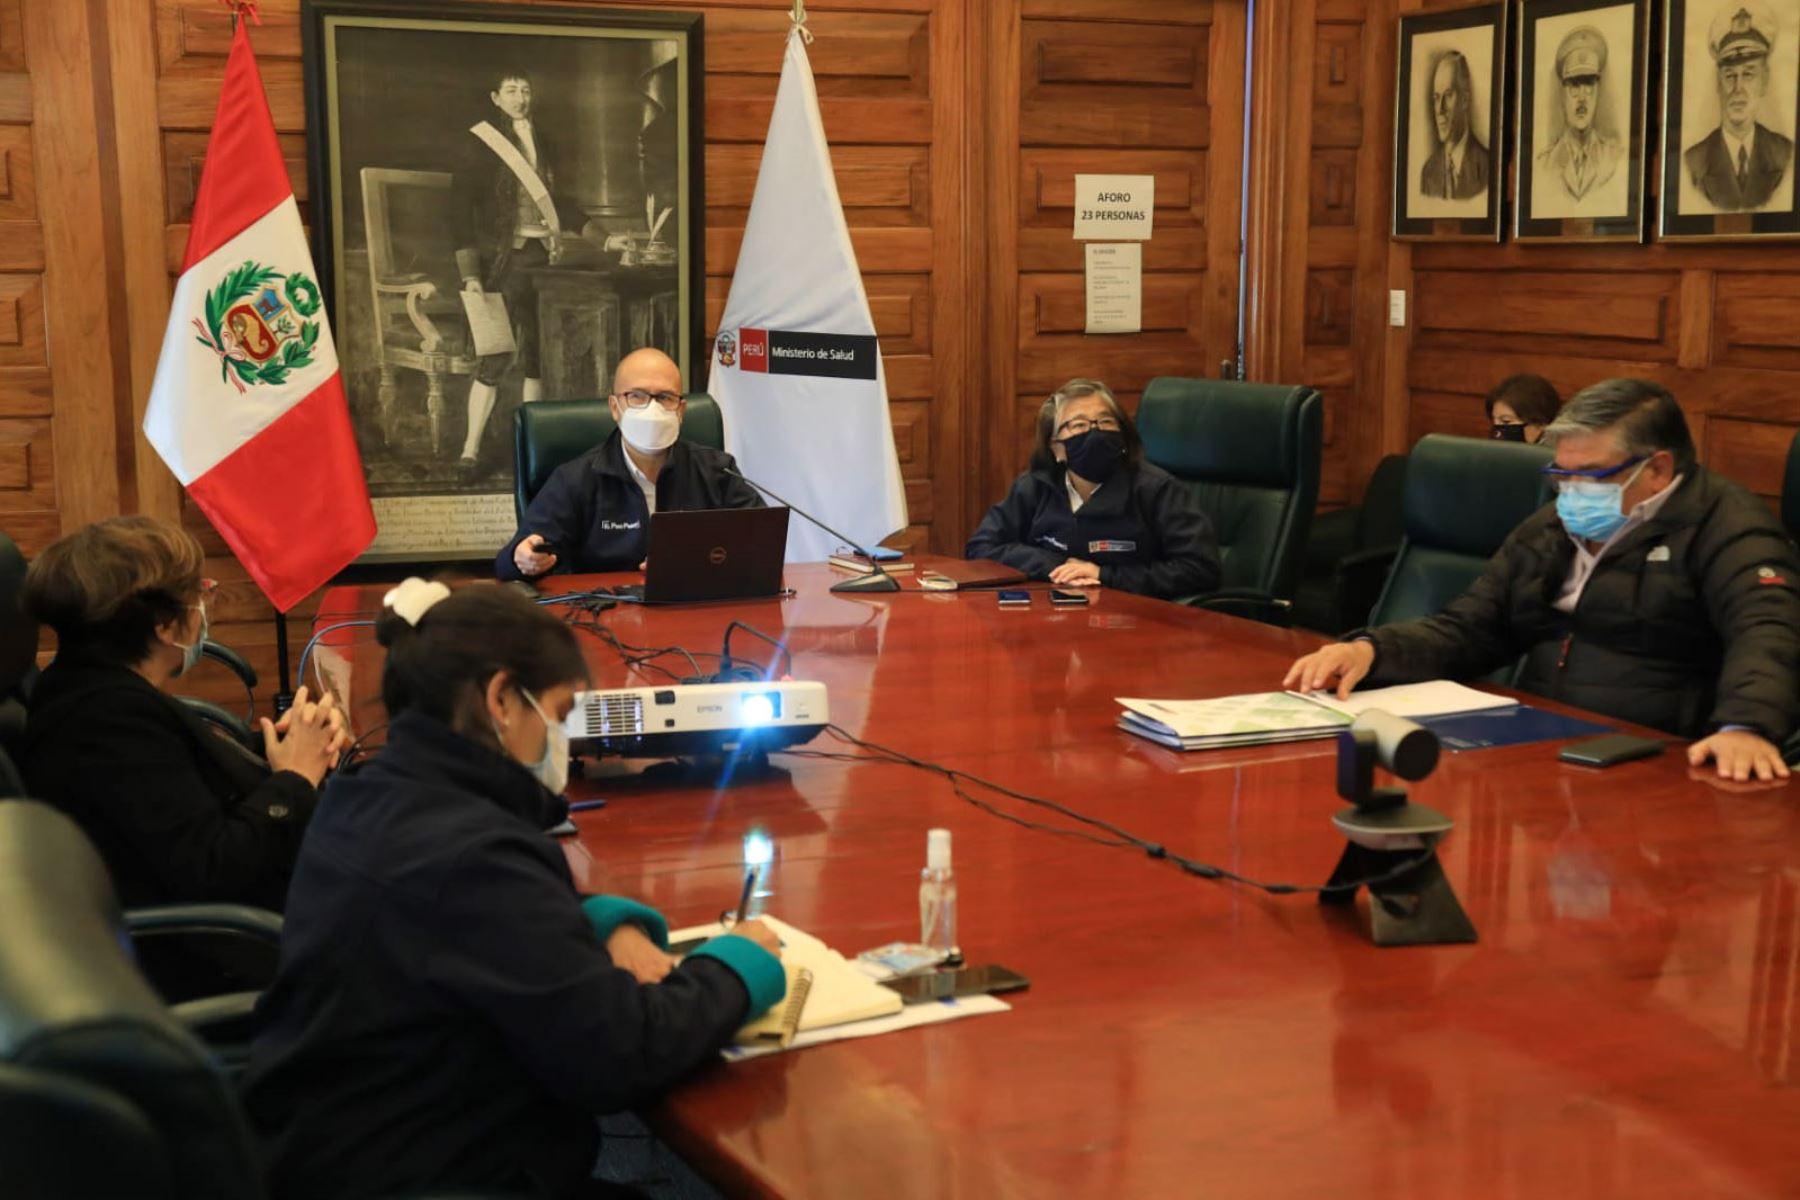 El ministro de Salud, Victor Zamora participa en la reunión para coordinar la conformación de la comisión del comité multisectorial para la adquisición de la vacuna contra el #COVID19.  Foto: Minsa